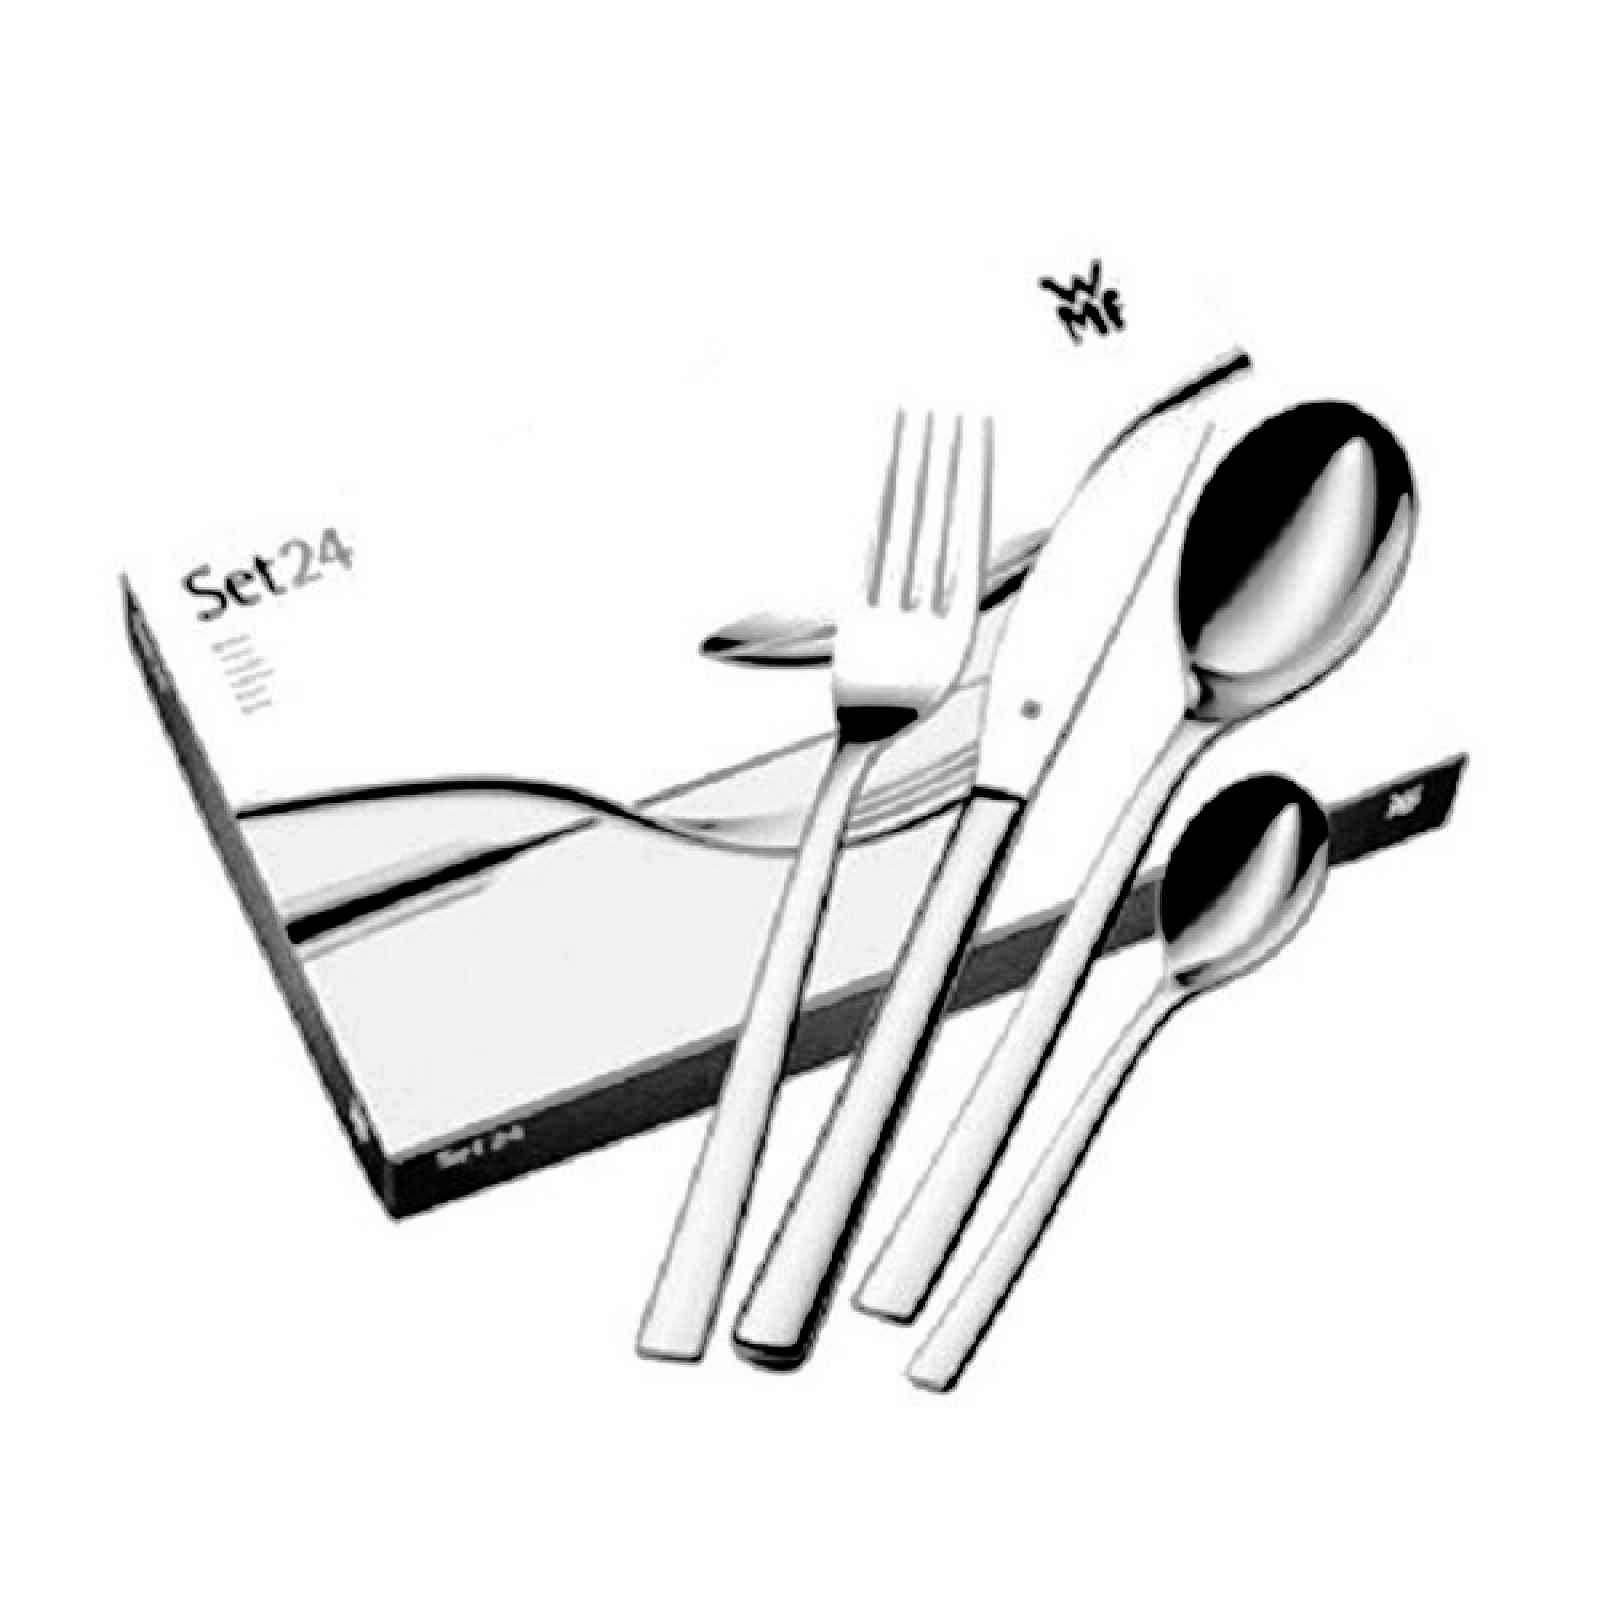 Набор приборов столовых WMF PALERMO, серебристый, 24 предмета WMF 11 7700 6043 фото 7